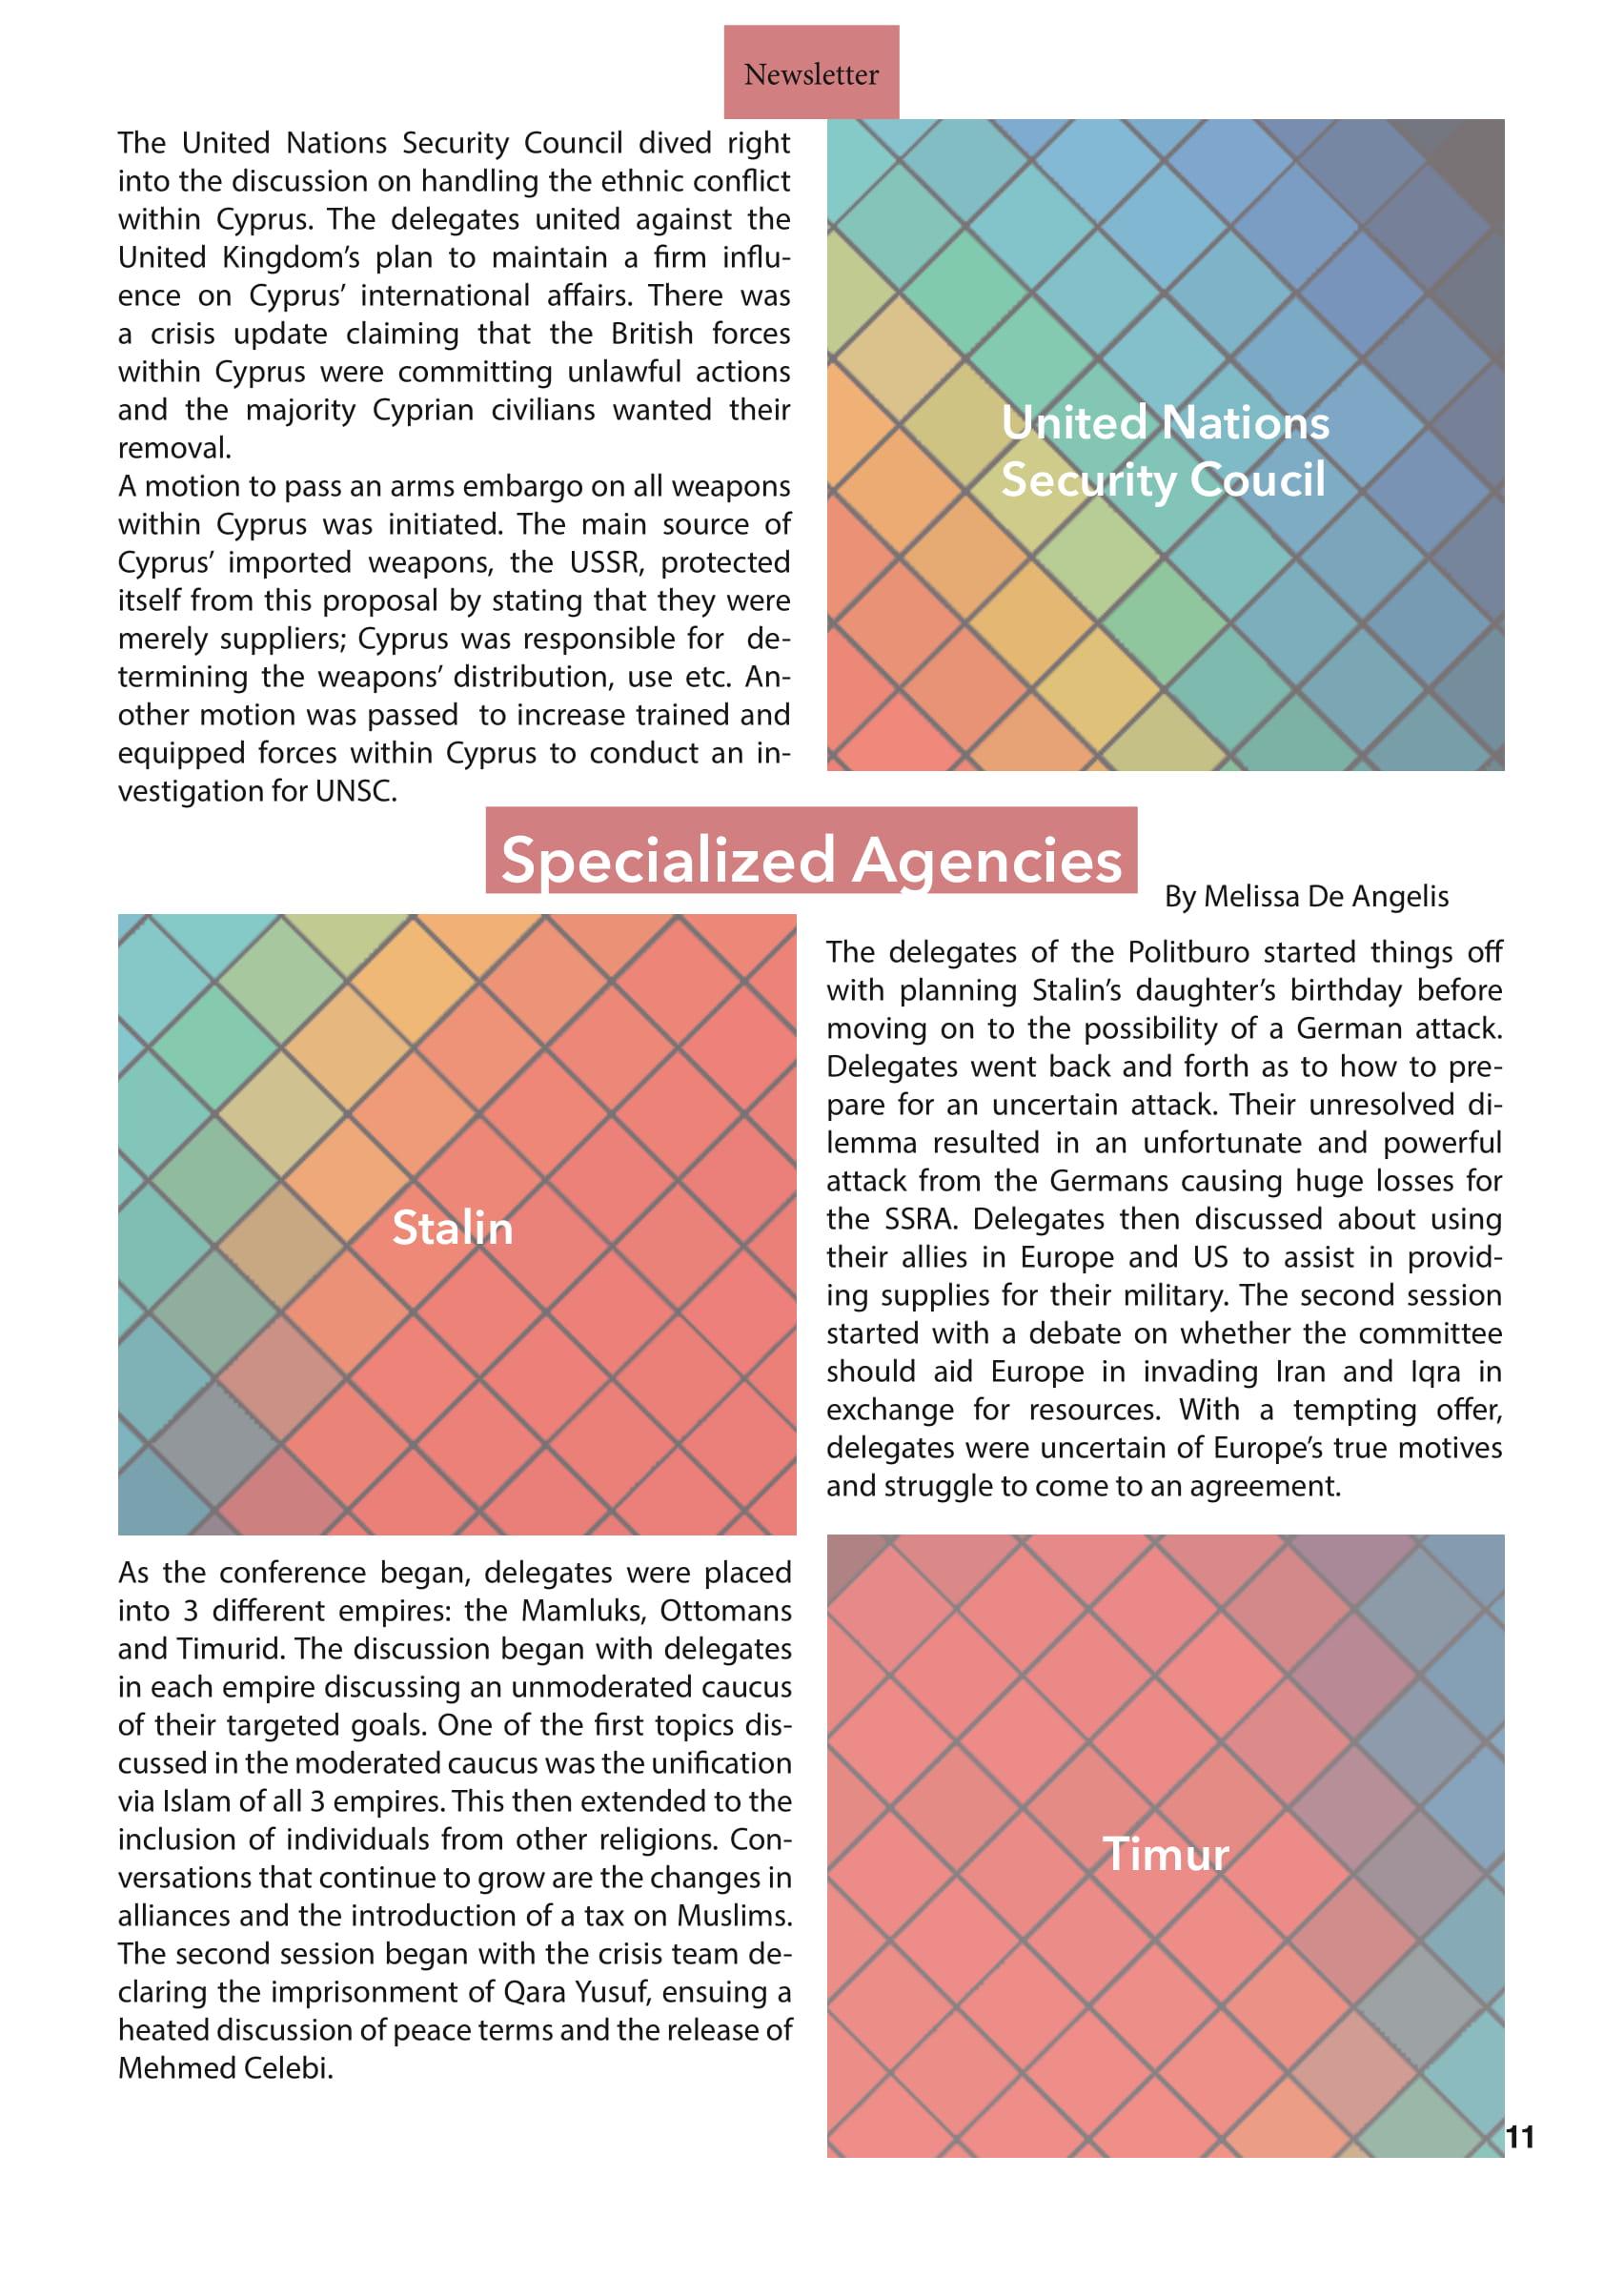 Newsletter #1-11.jpg